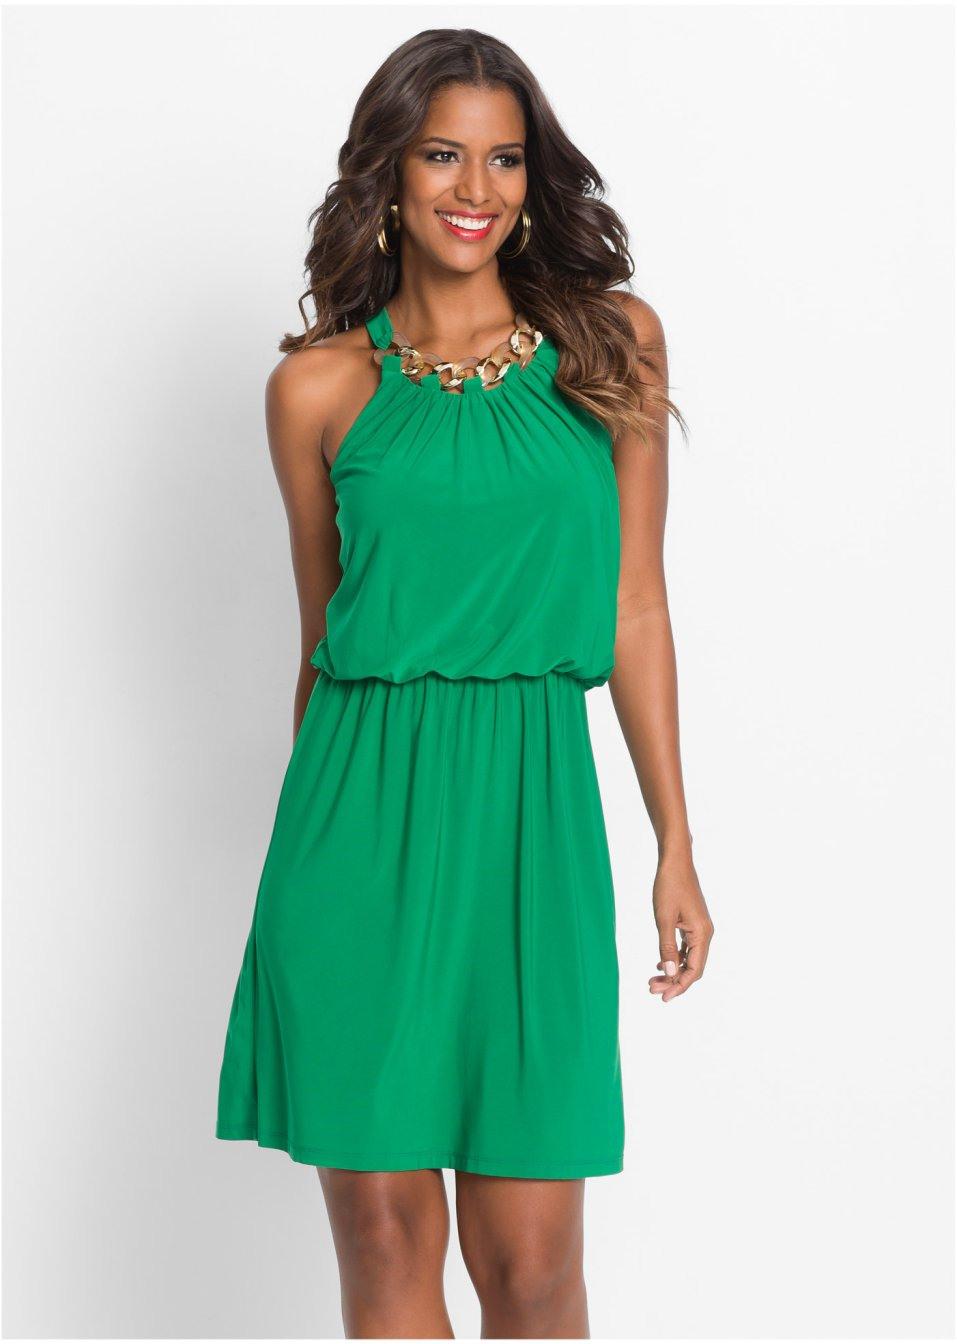 Kleid Kurz Grün